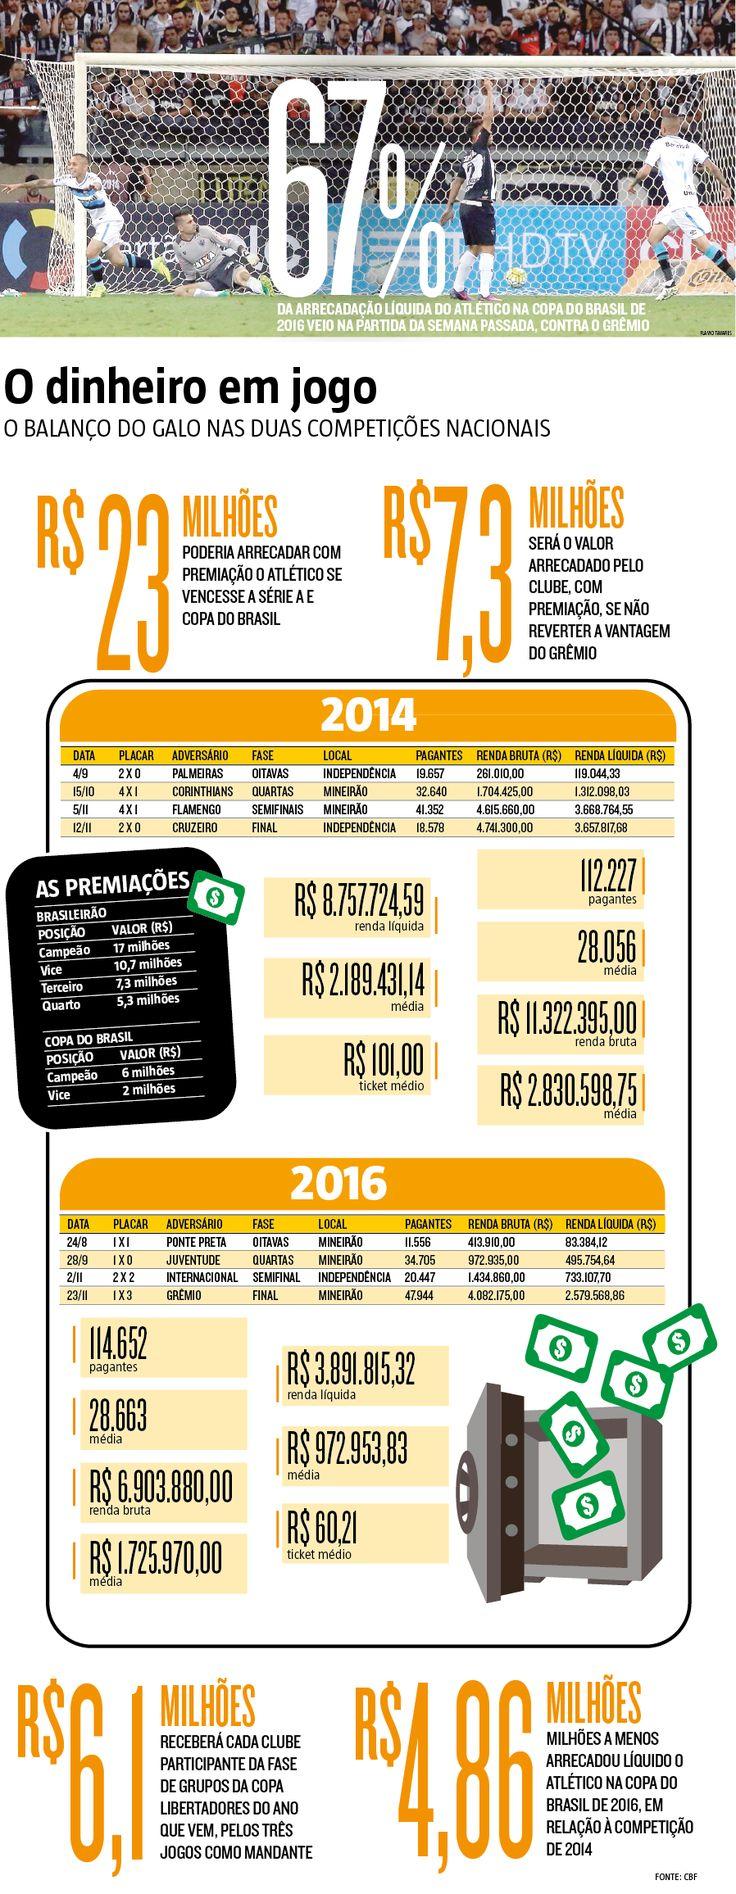 Para o Atlético, buscar o milagre de reverter a vantagem construída pelo Grêmio semana passada no Mineirão, no jogo desta quarta-feira (30), às 21h45, em Porto Alegre, significa colocar R$ 4 milhões a mais no caixa e diminuir o prejuízo de uma temporada marcada pela alto investimento na montagem do grupo de jogadores. (29/11/2016) #CopaDoBrasil #Atlético #Grêmio #Investimento #Dinheiro #Infográfico #Infografia #HojeEmDia